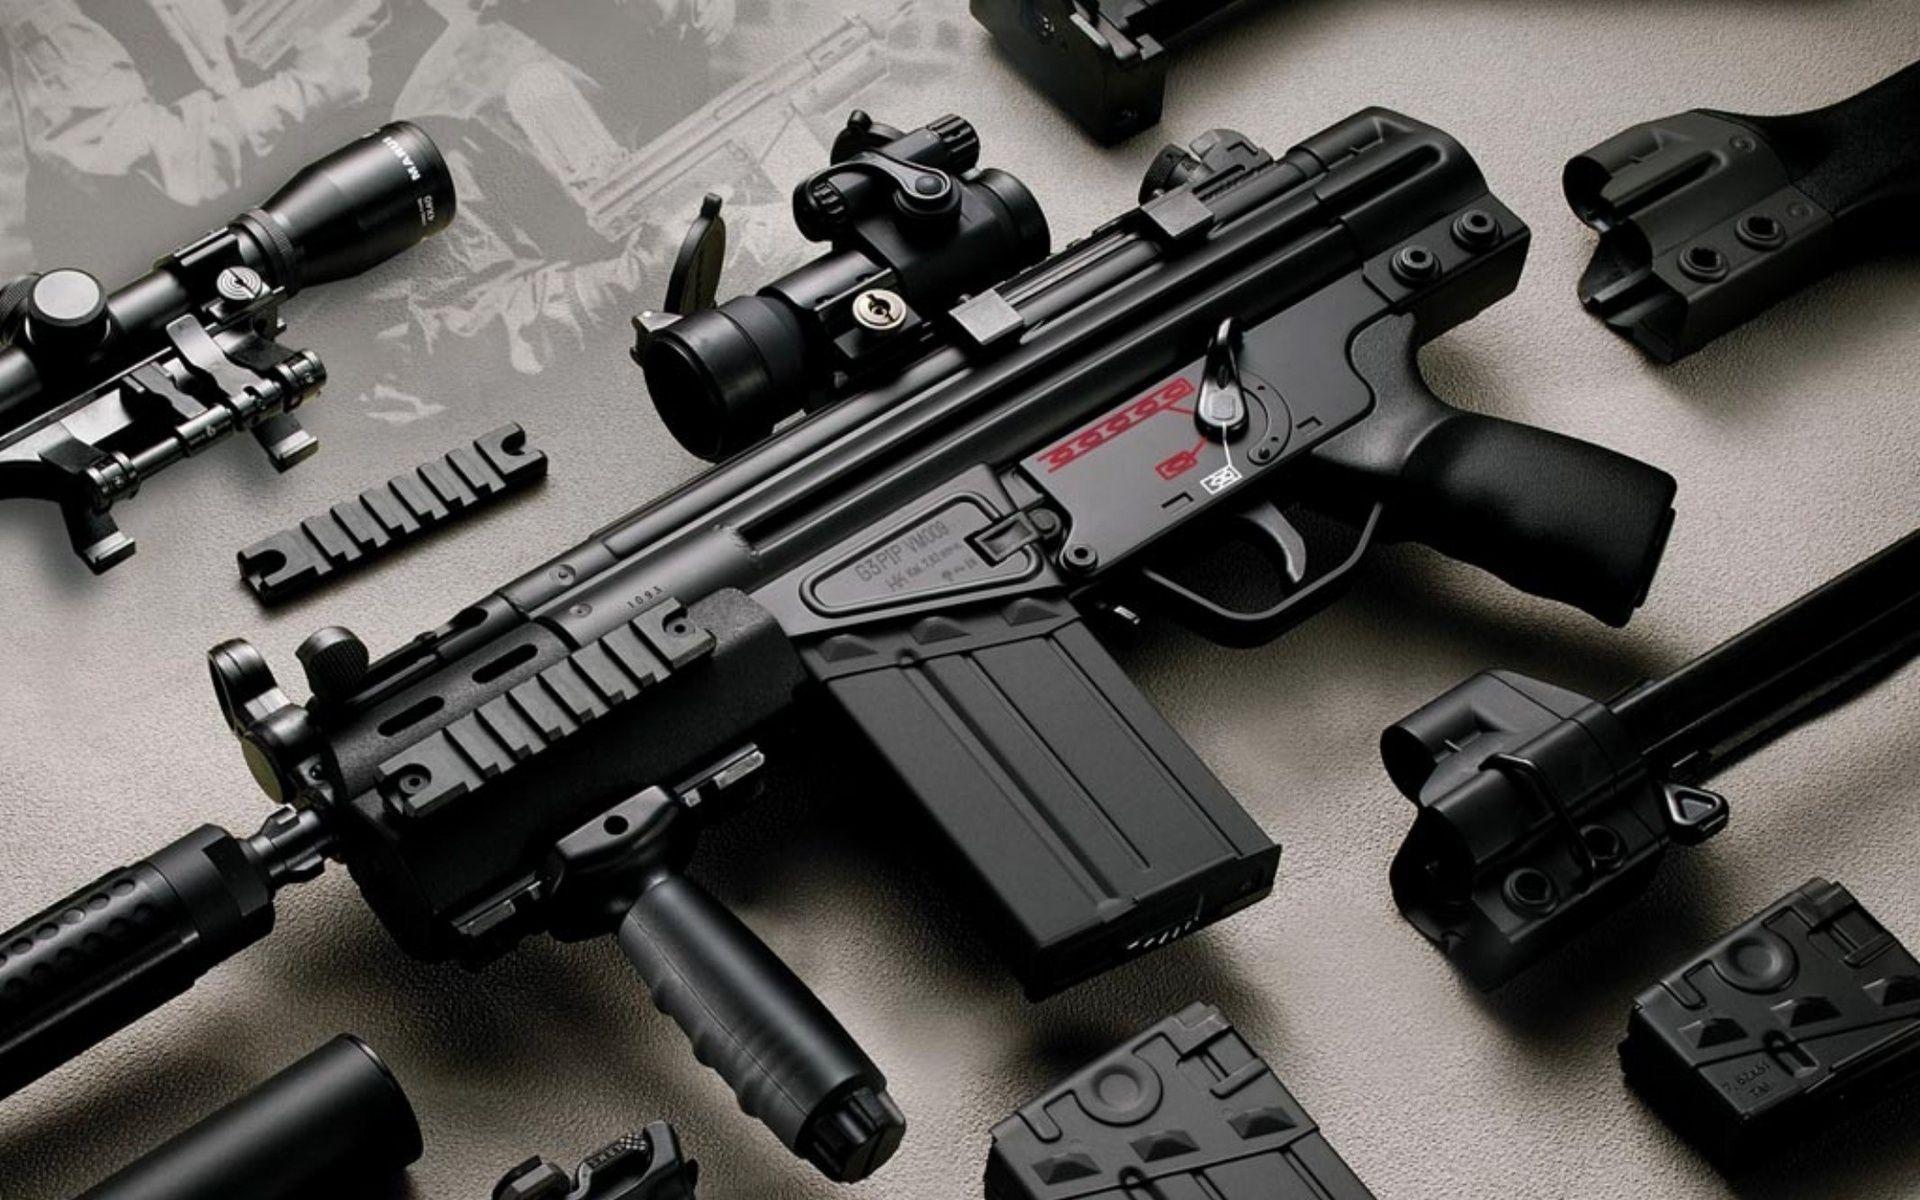 guns-revolvers-weapon-wallpaper-hd-wallpapers-wallpaper-hd-gun-for